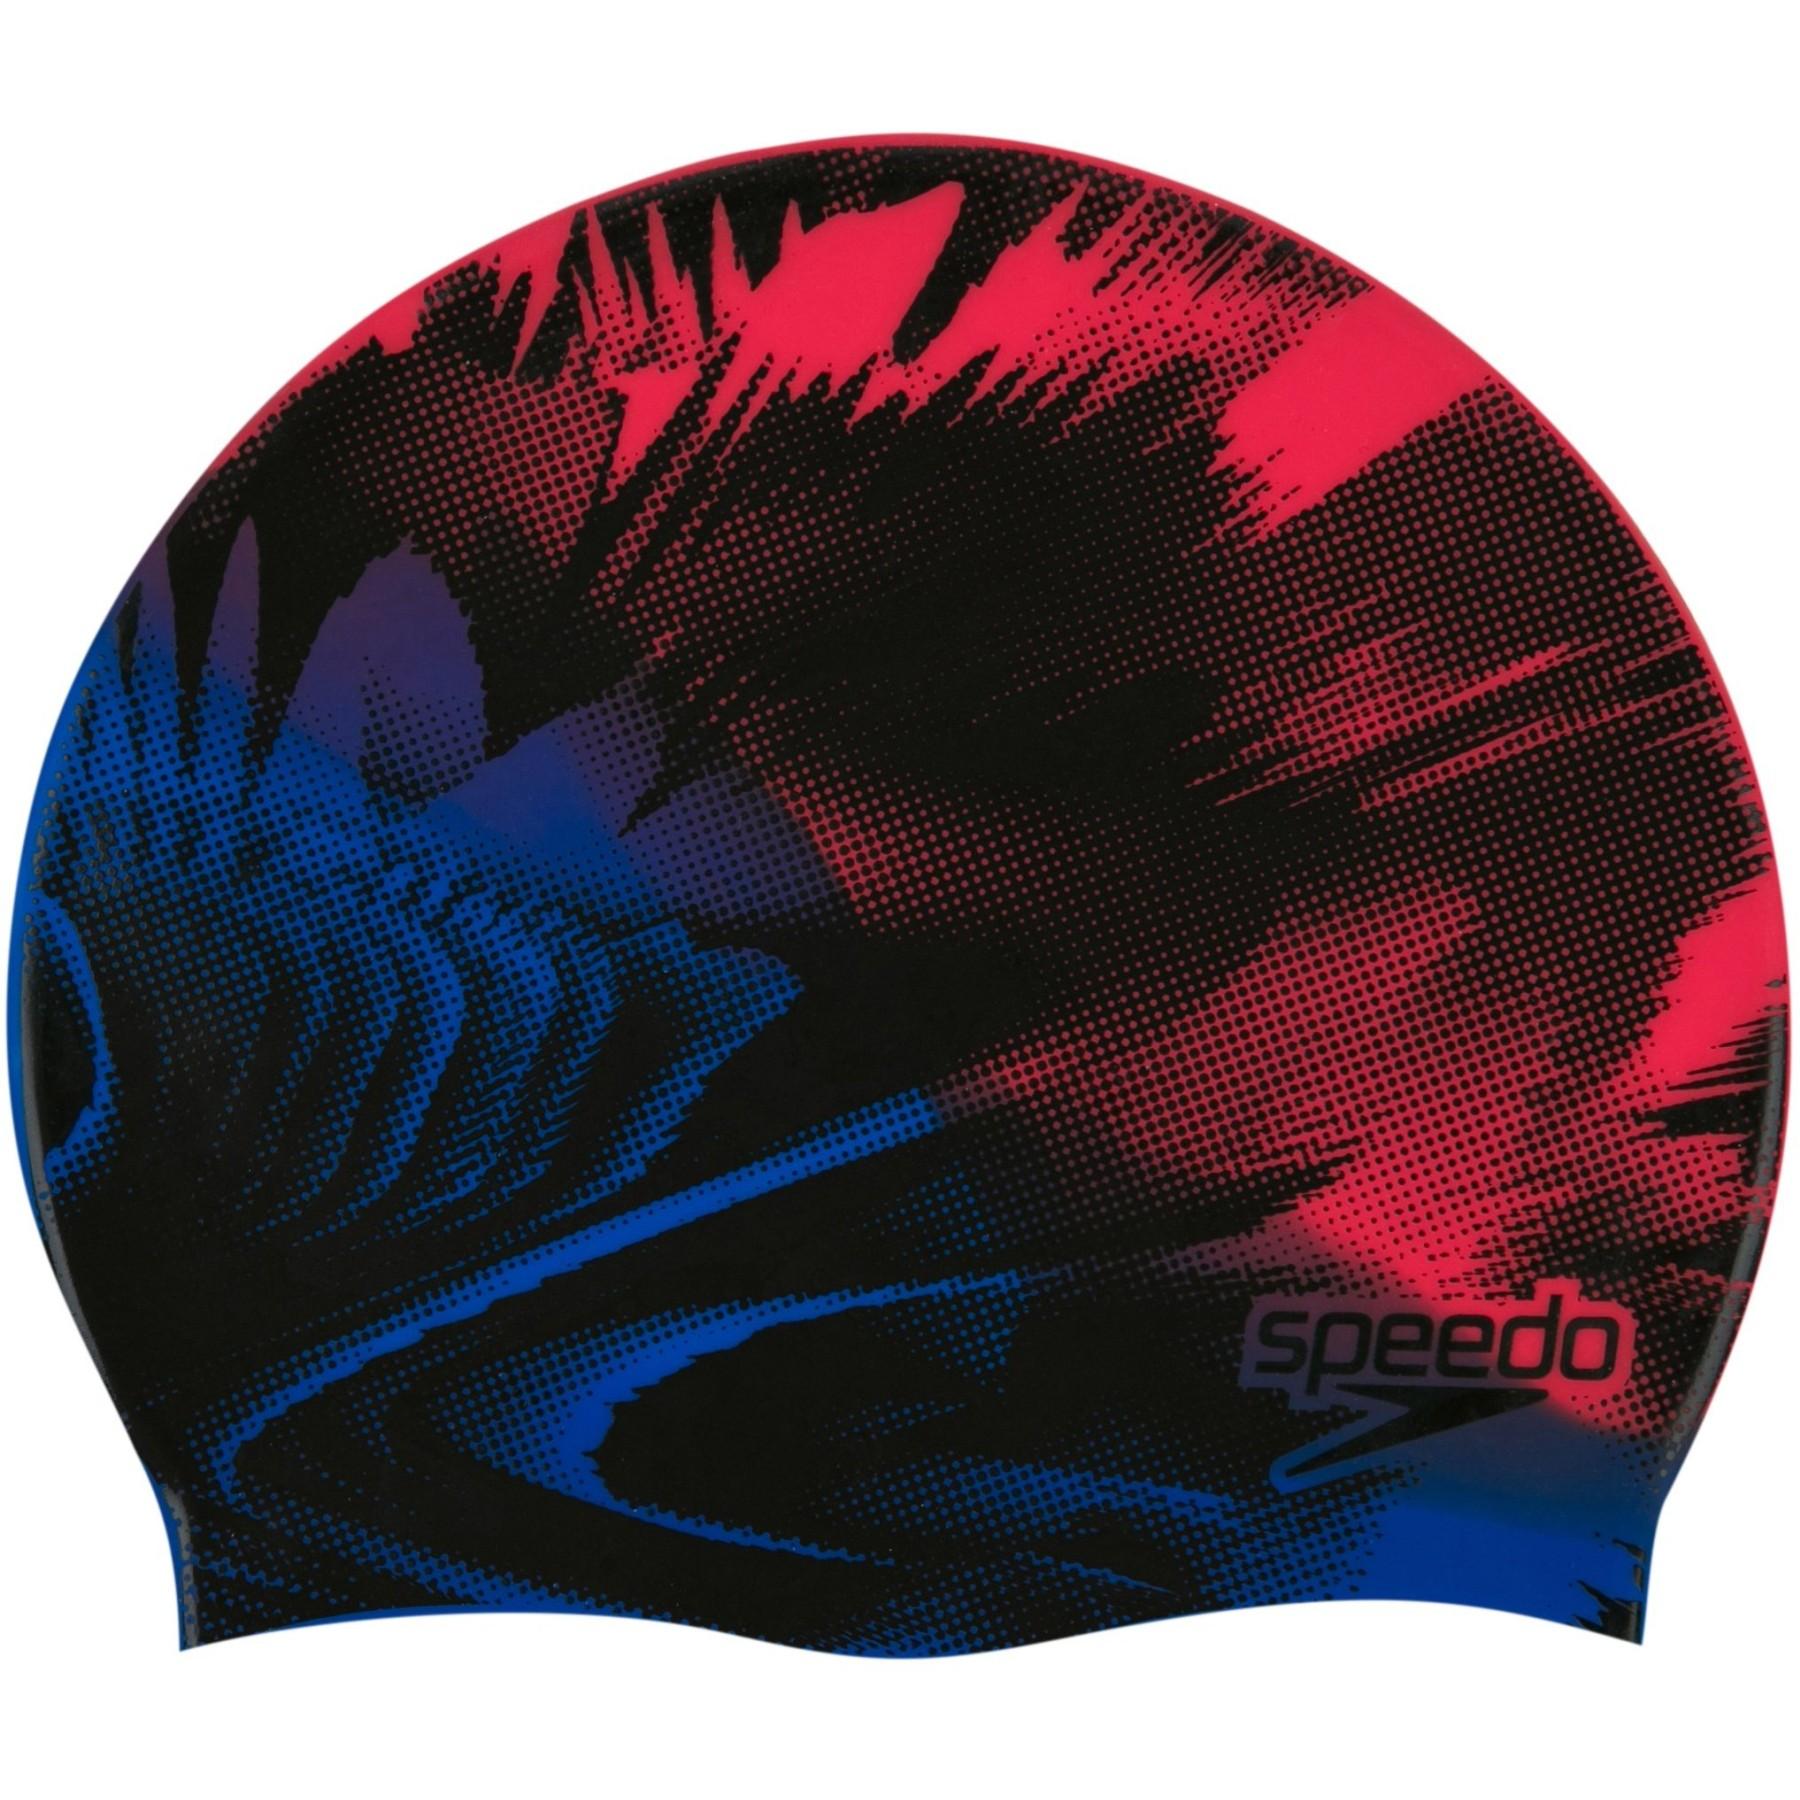 Produktbild von Speedo Slogan Print Badekappe - fed red/blue flame/black